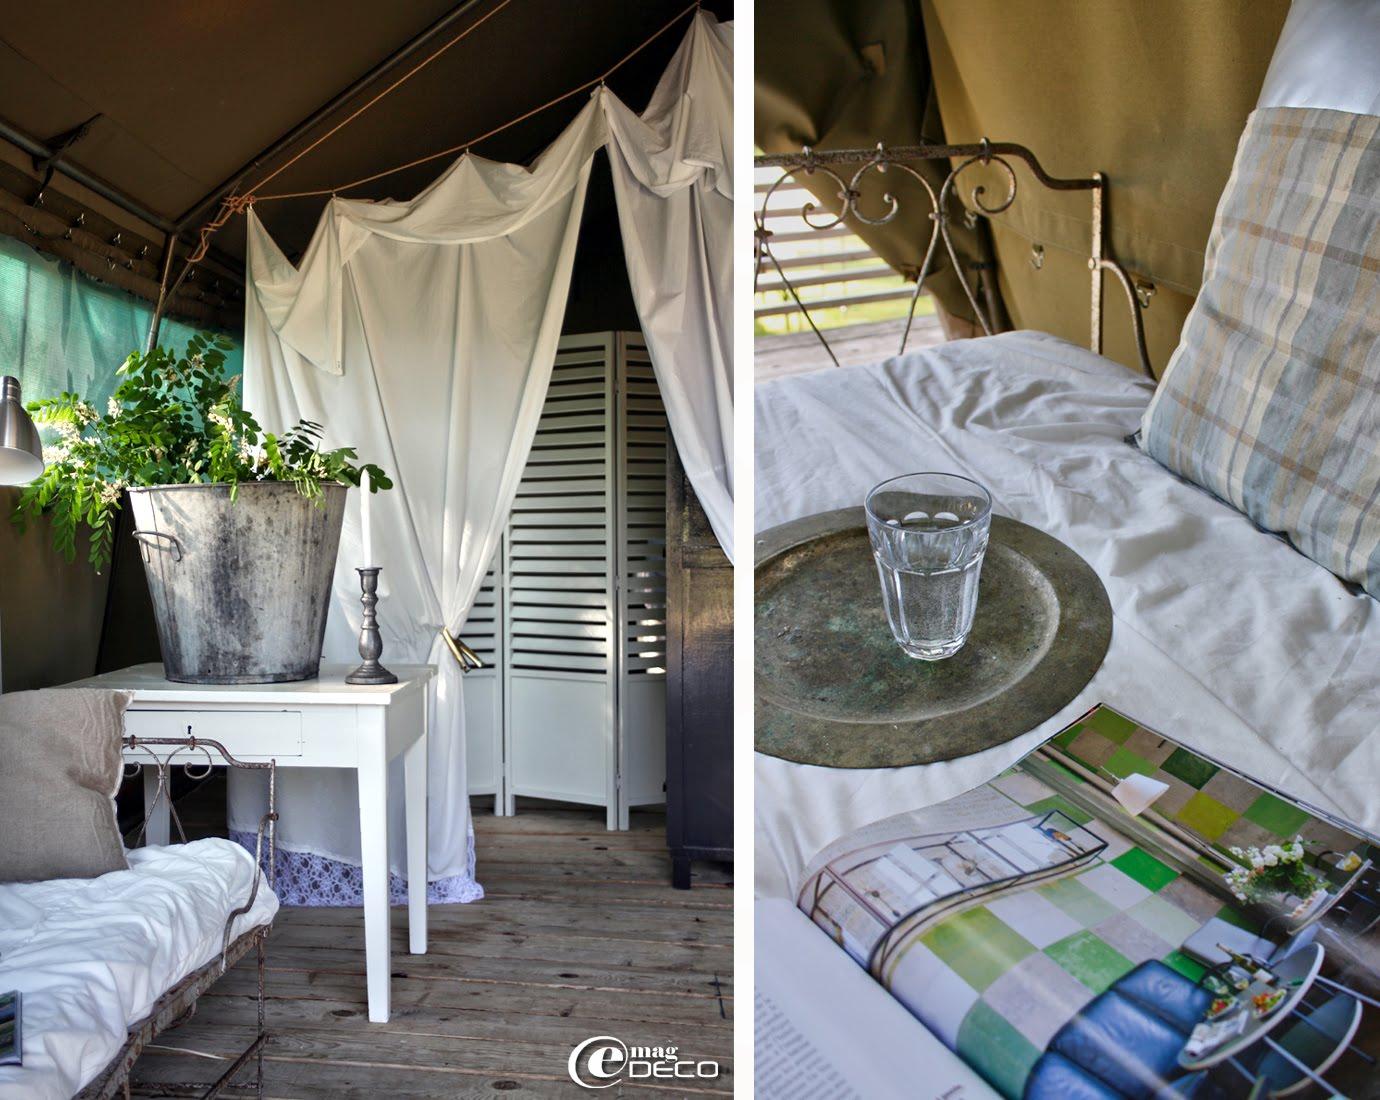 Draps anciens transformés en rideaux, lit en fer forgé détourné en banquette, dans la grande tente 'Mojave'